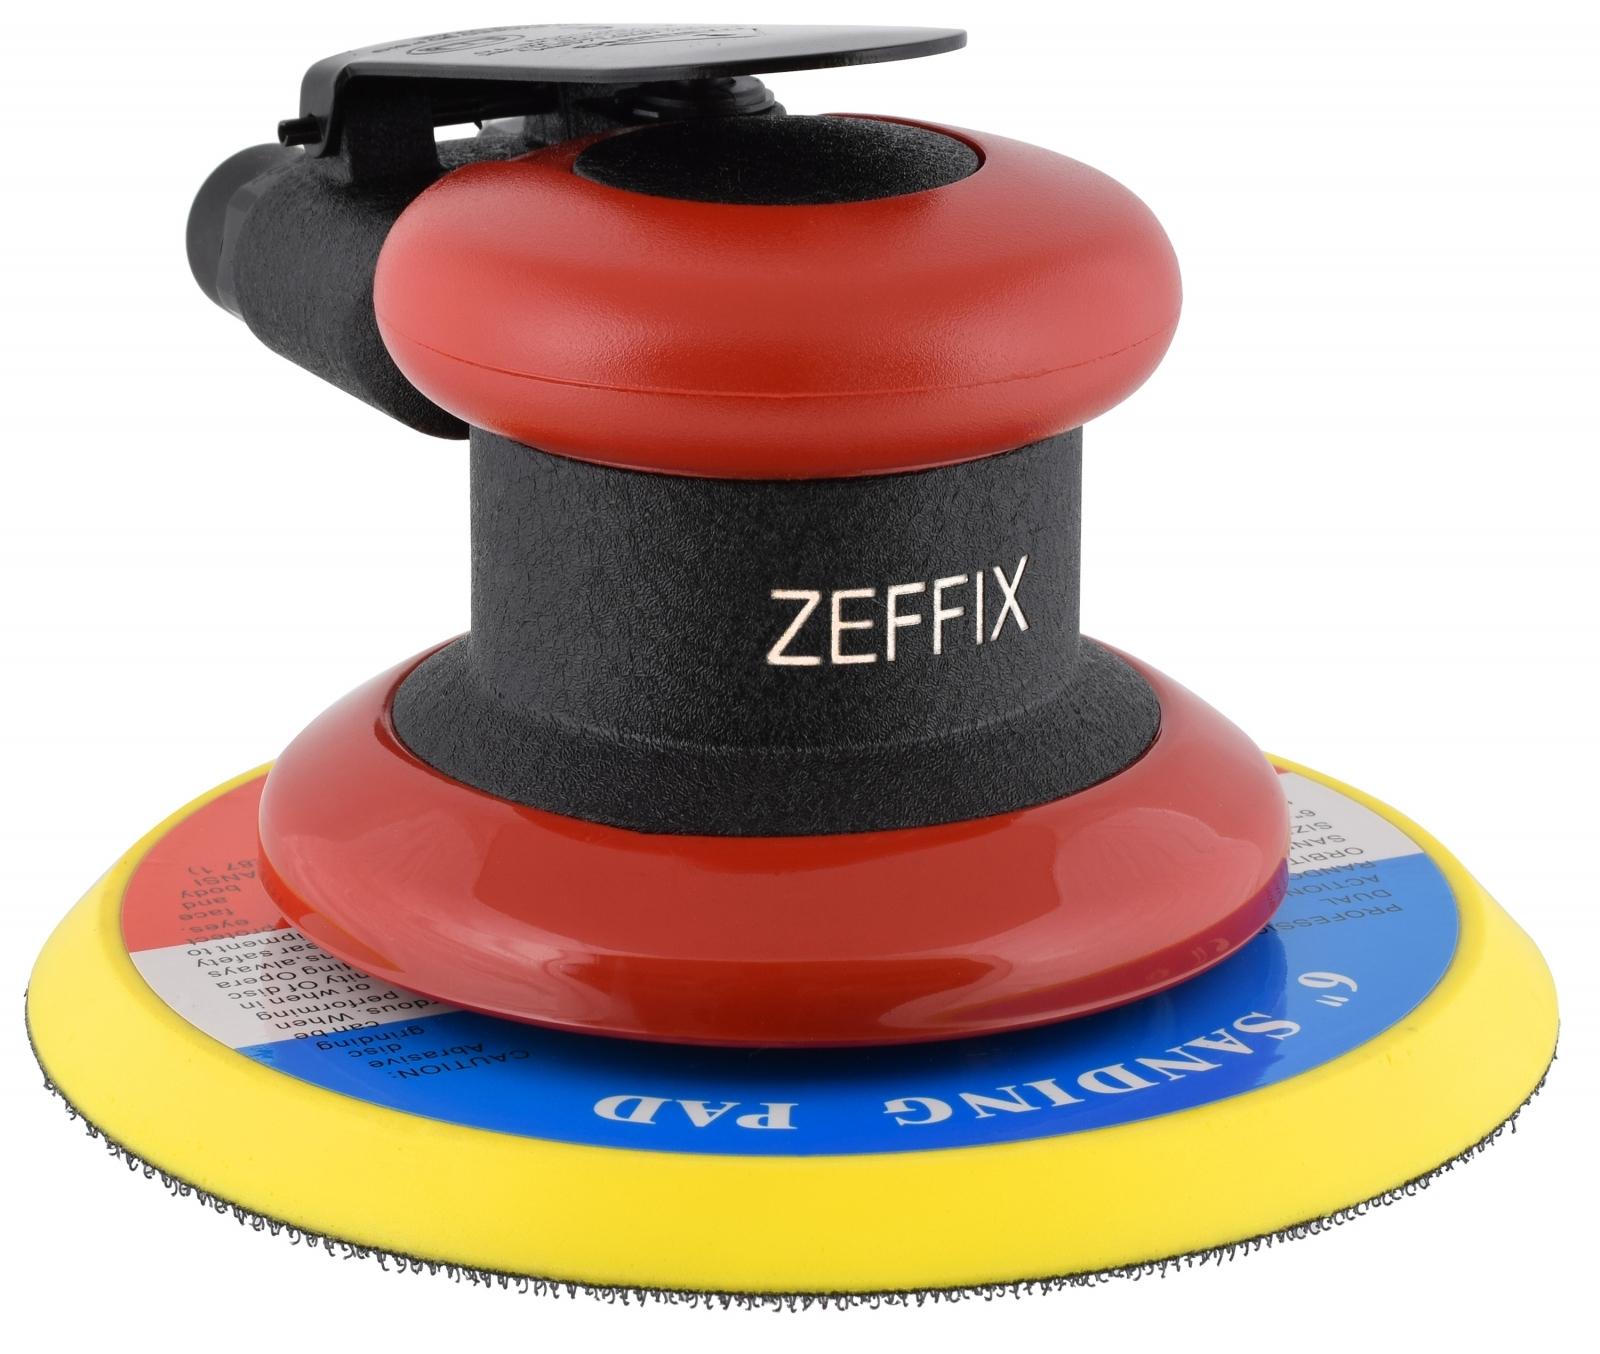 Lixadeira Pneumática Roto Orbital Hookit Zeffix Sem Aspiração Lx6 - Ferramentas MEP